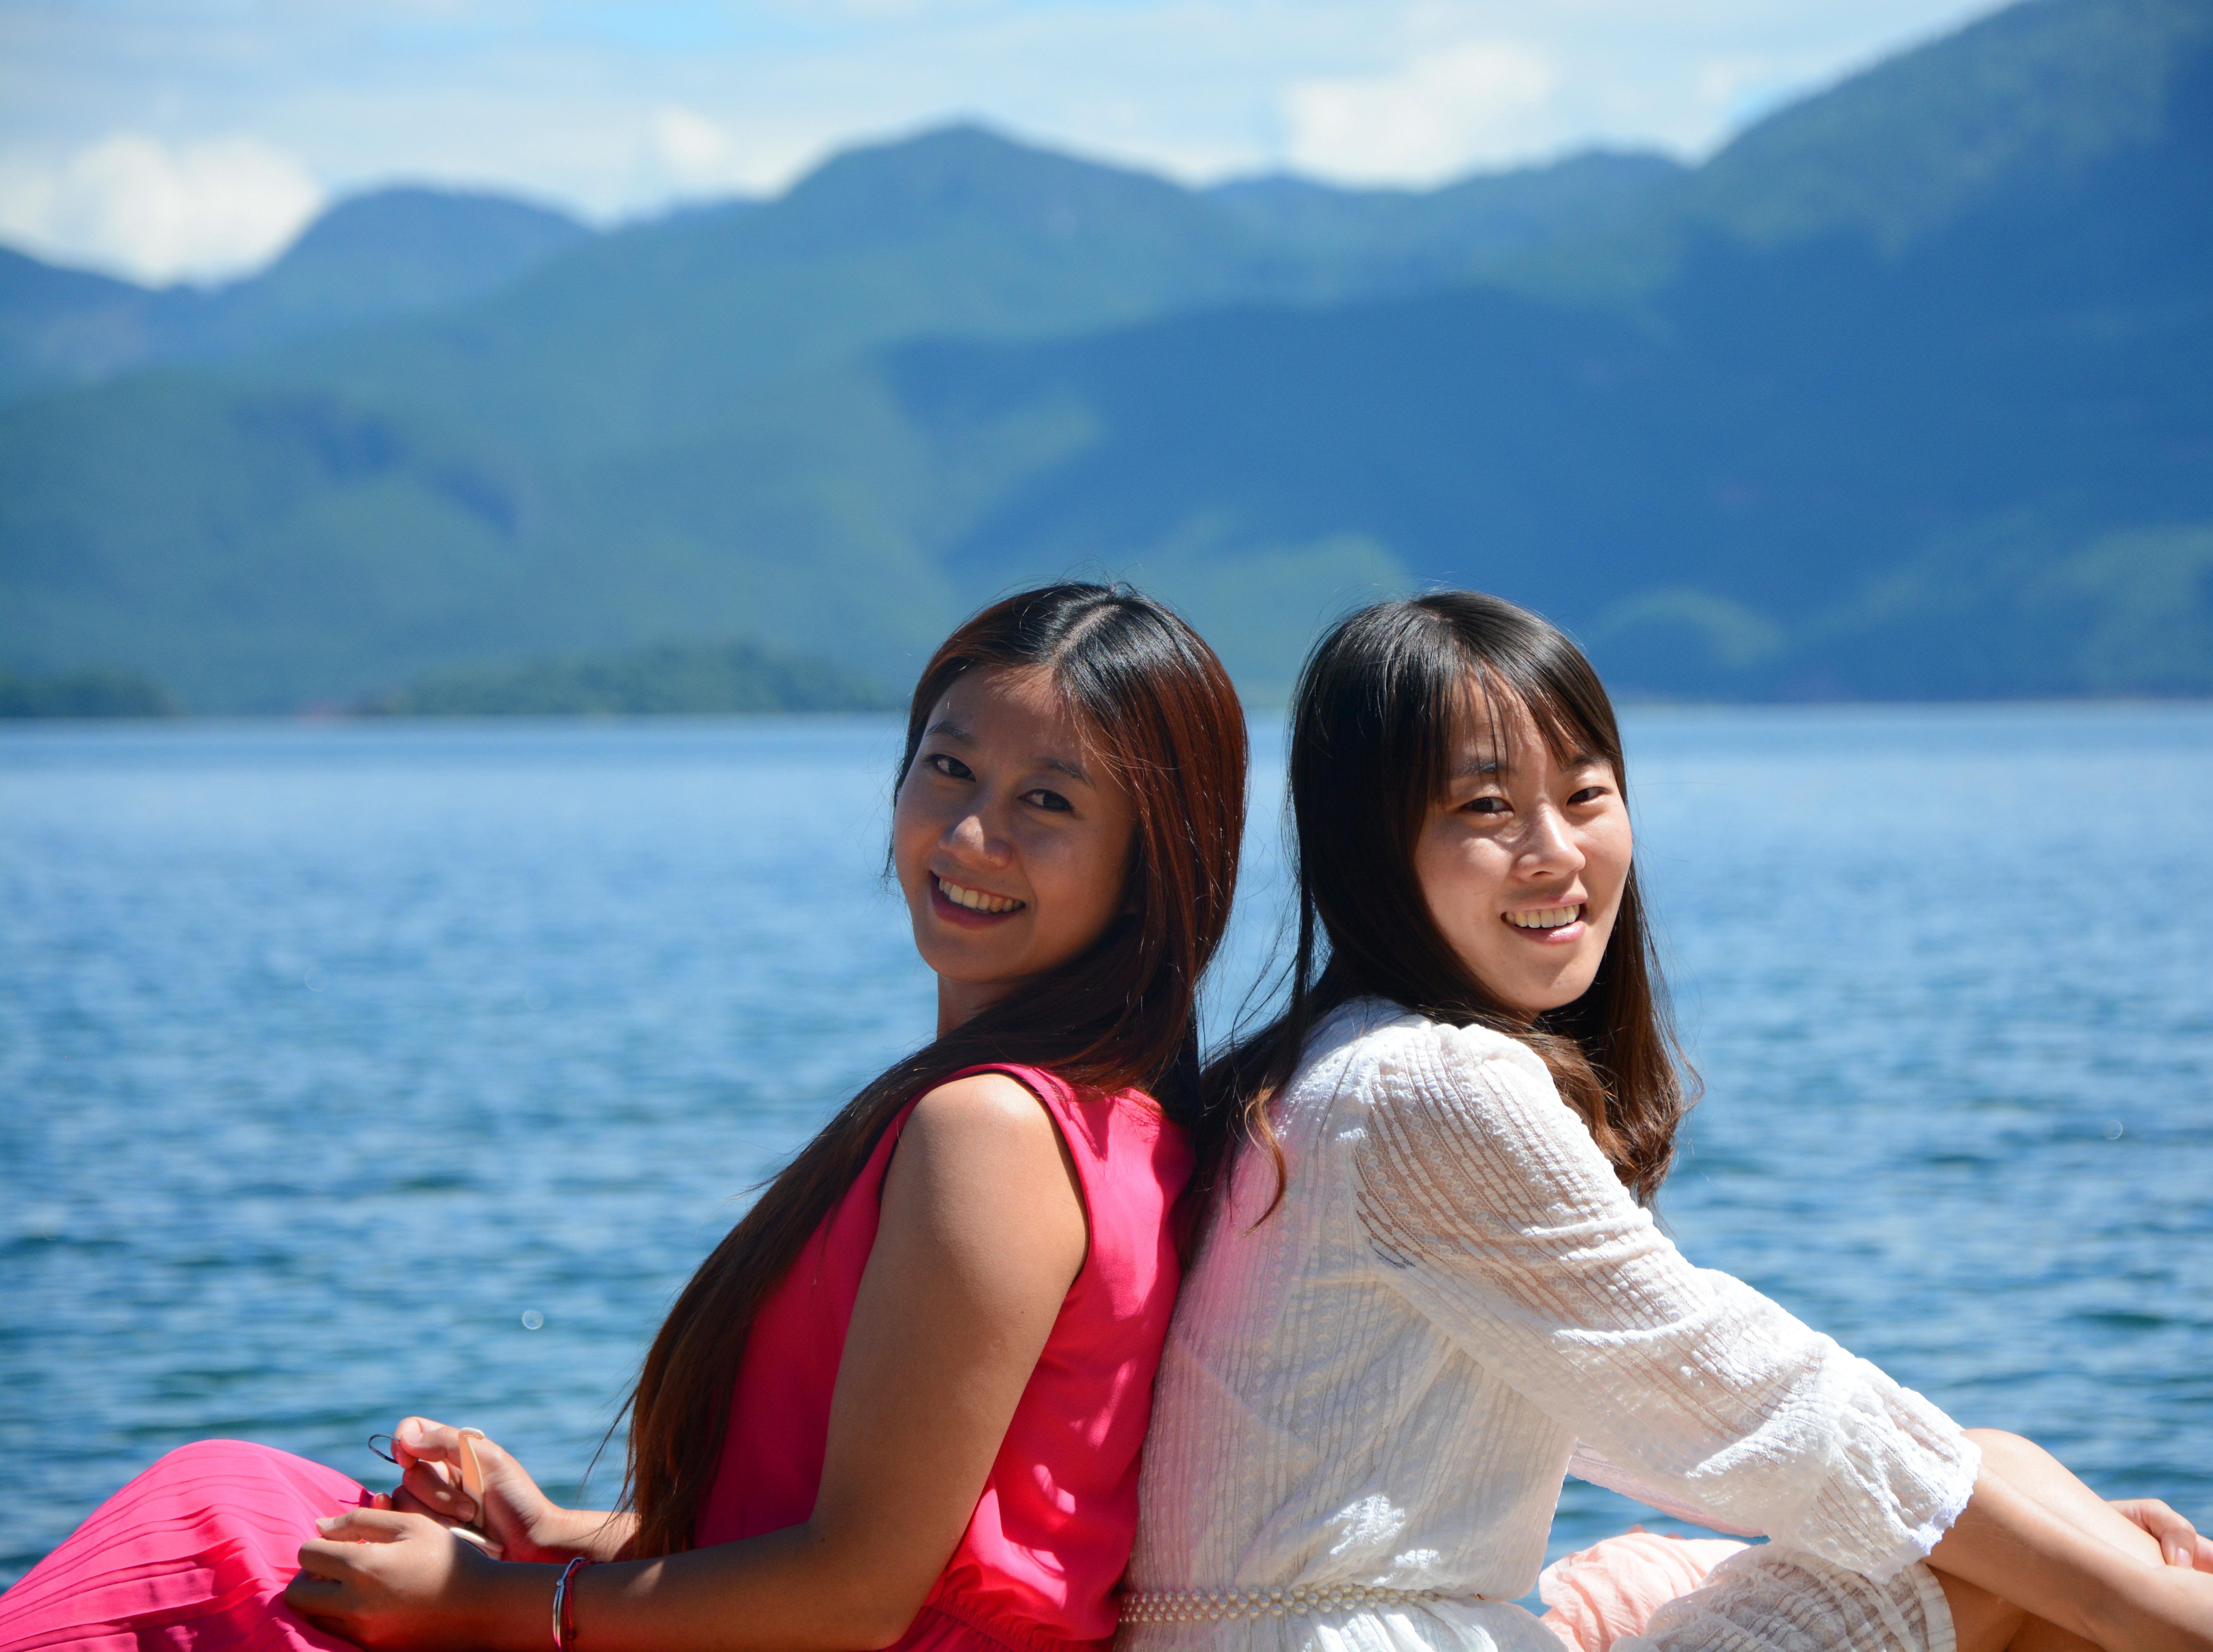 五一 ●泸沽湖 这里有你 有故乡 有远方